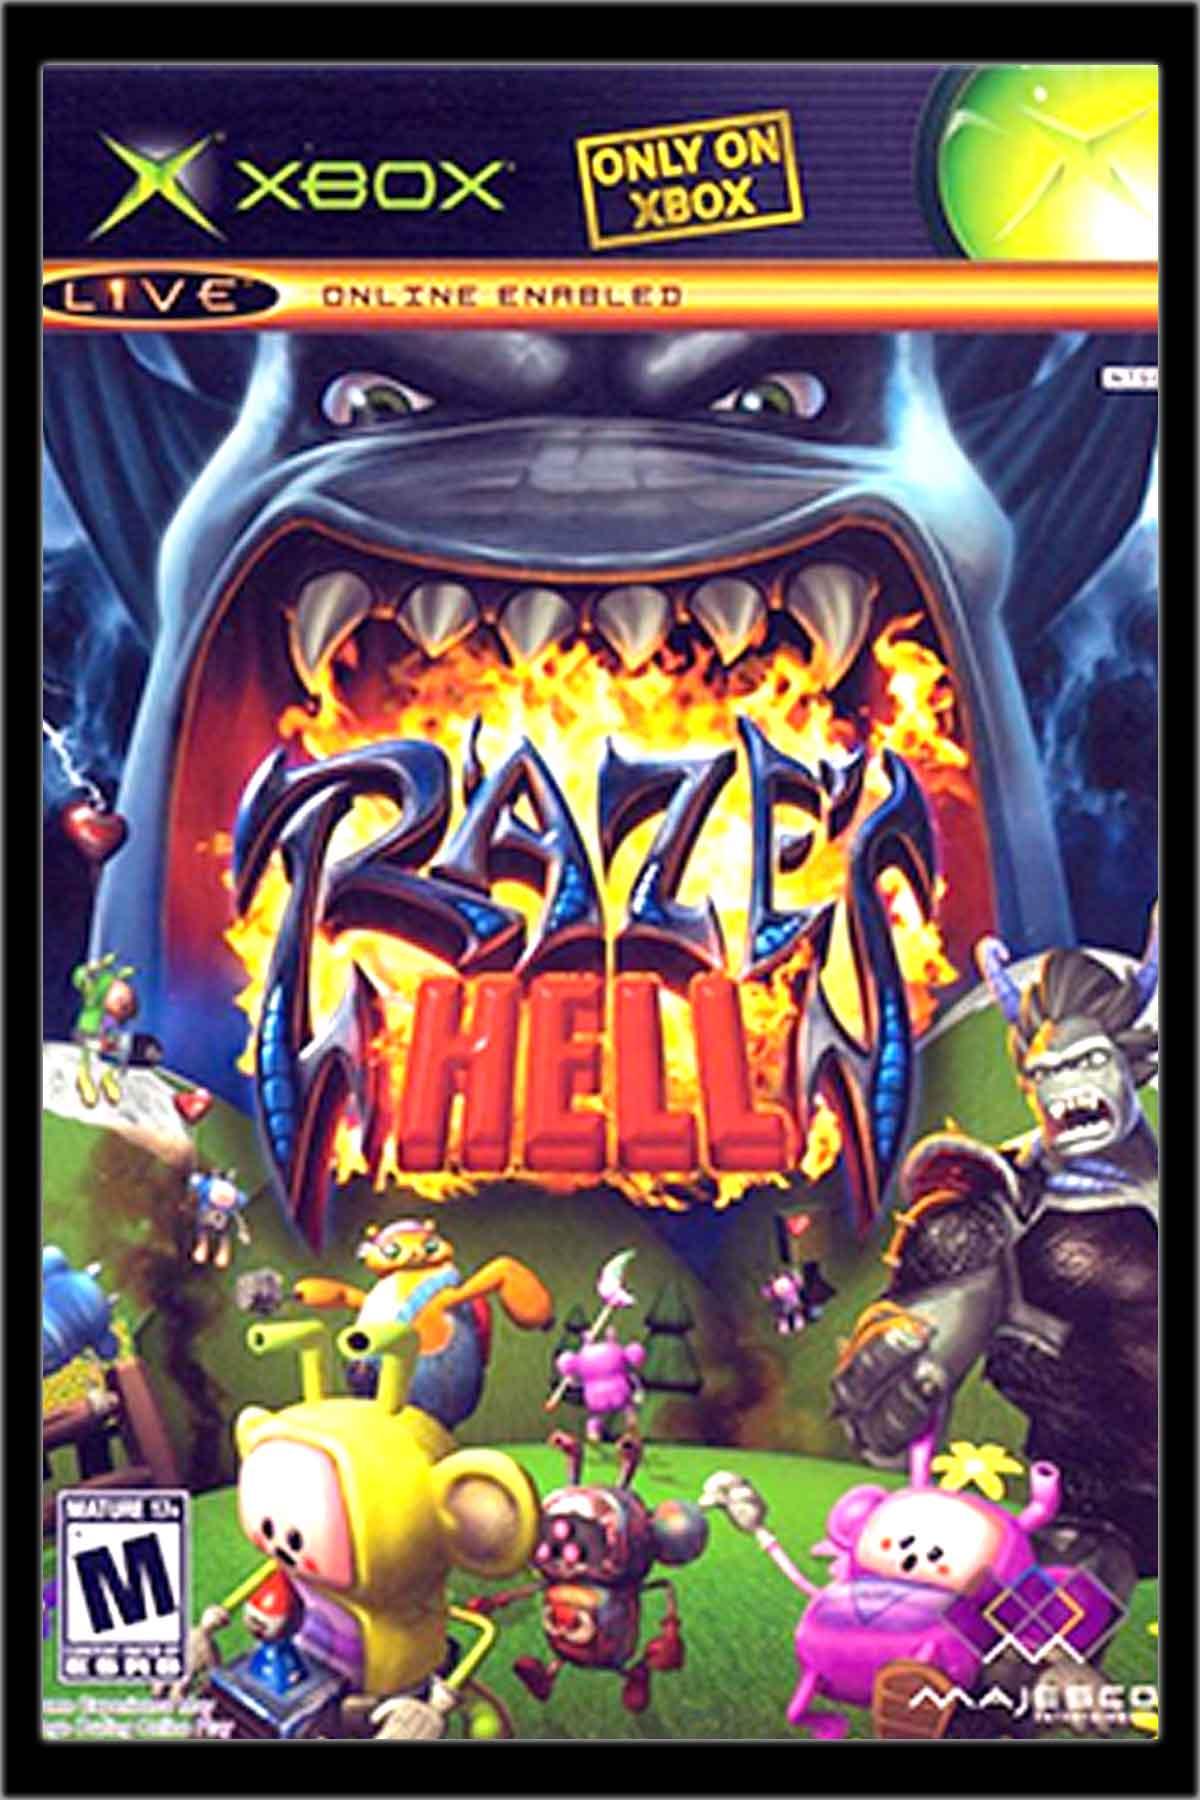 Razes-Hell